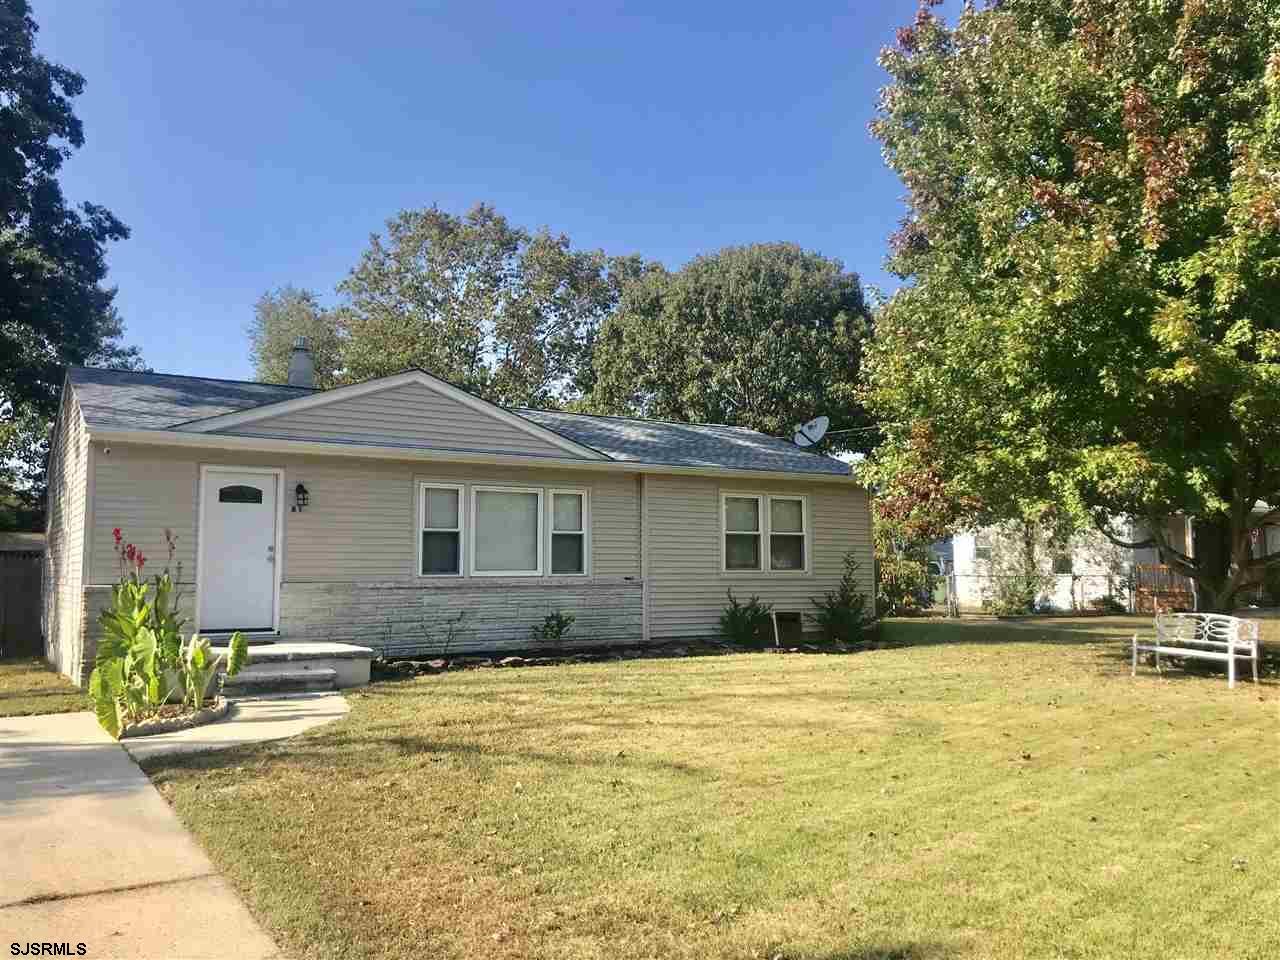 81 Robert Best Rd, Egg Harbor Township, NJ, 08234